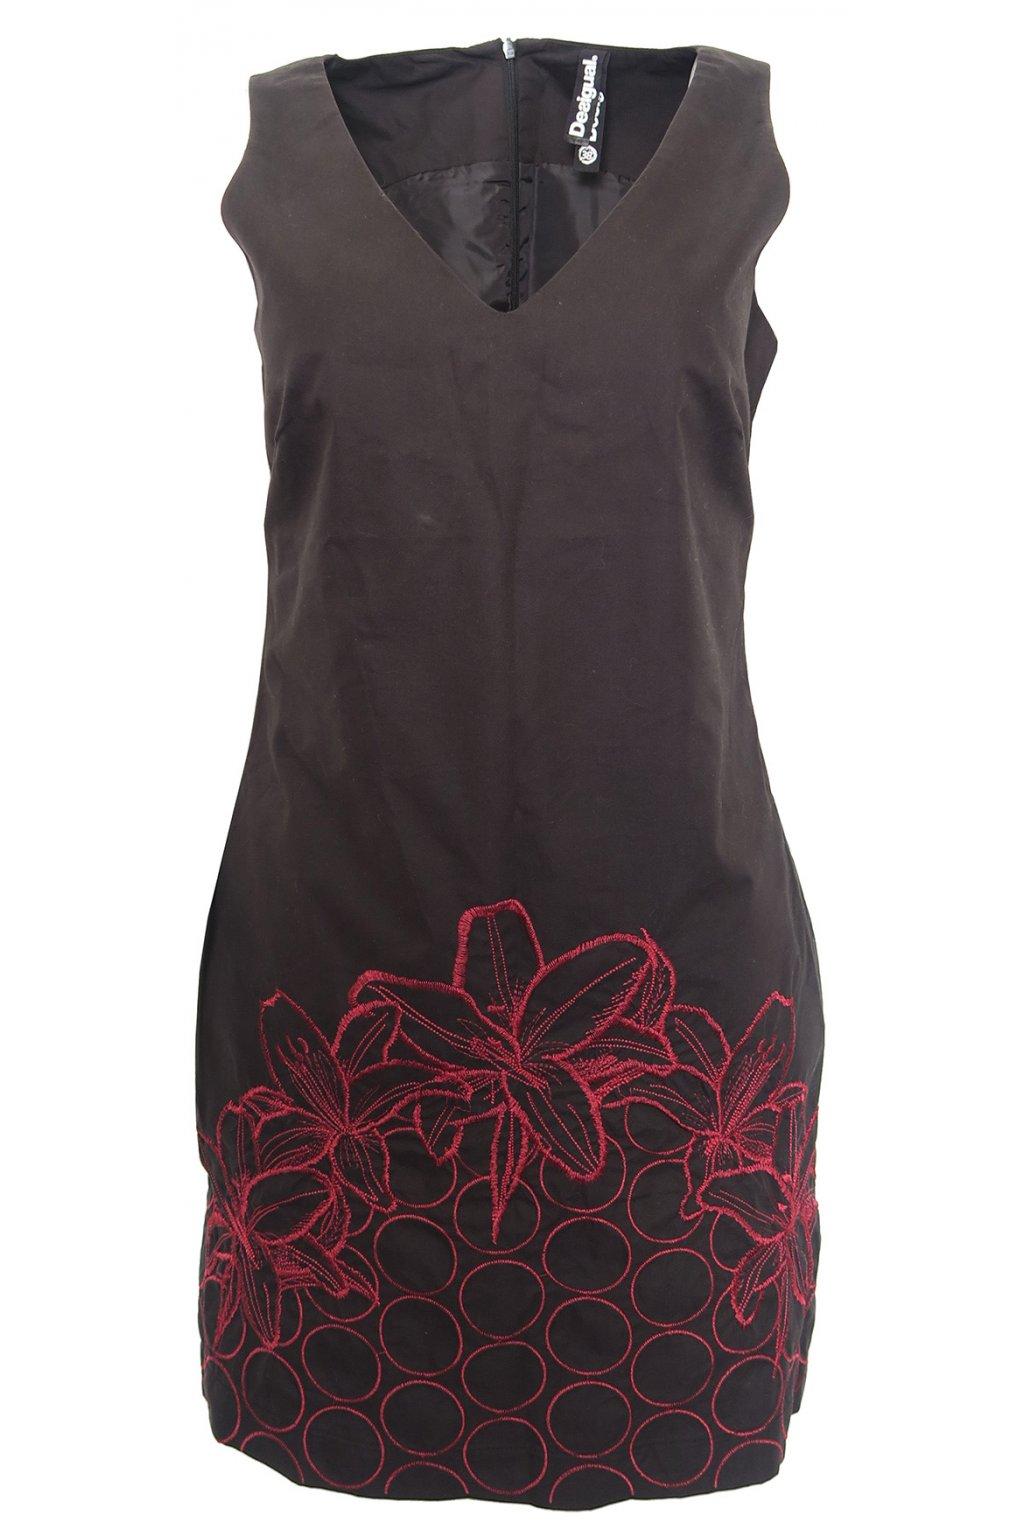 Černé šaty s červenými květy Desigual